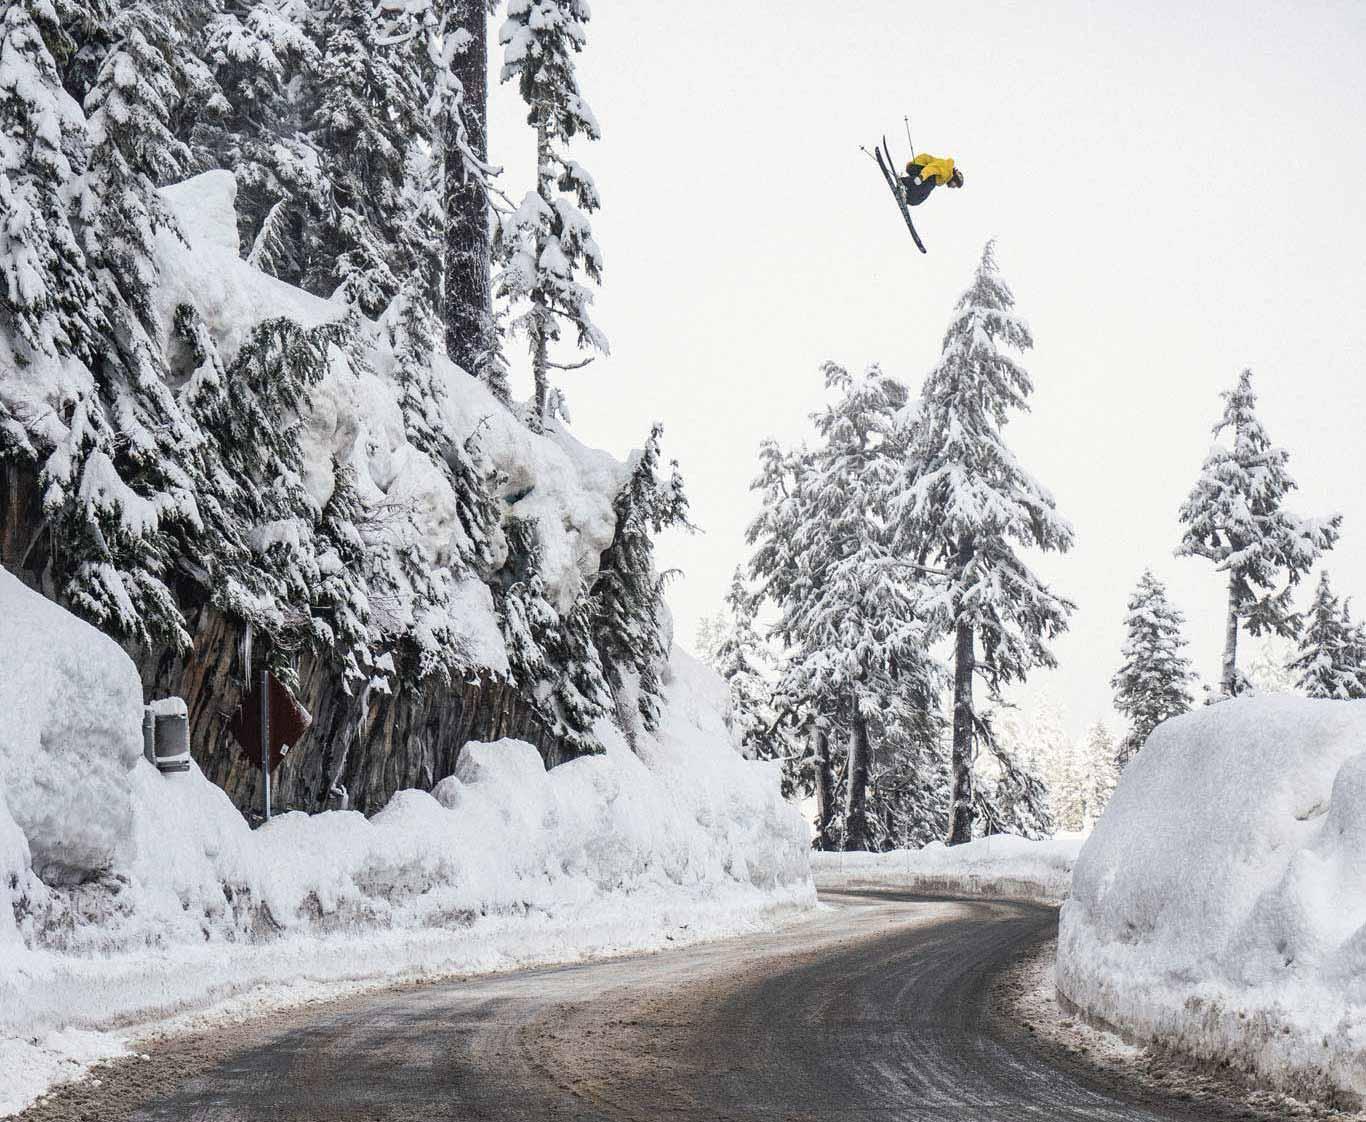 Ein legendärer Spot am Mt. Baker in den USA. - Rider: Henrik Harlaut - Foto: Daniel Rönnbaeck